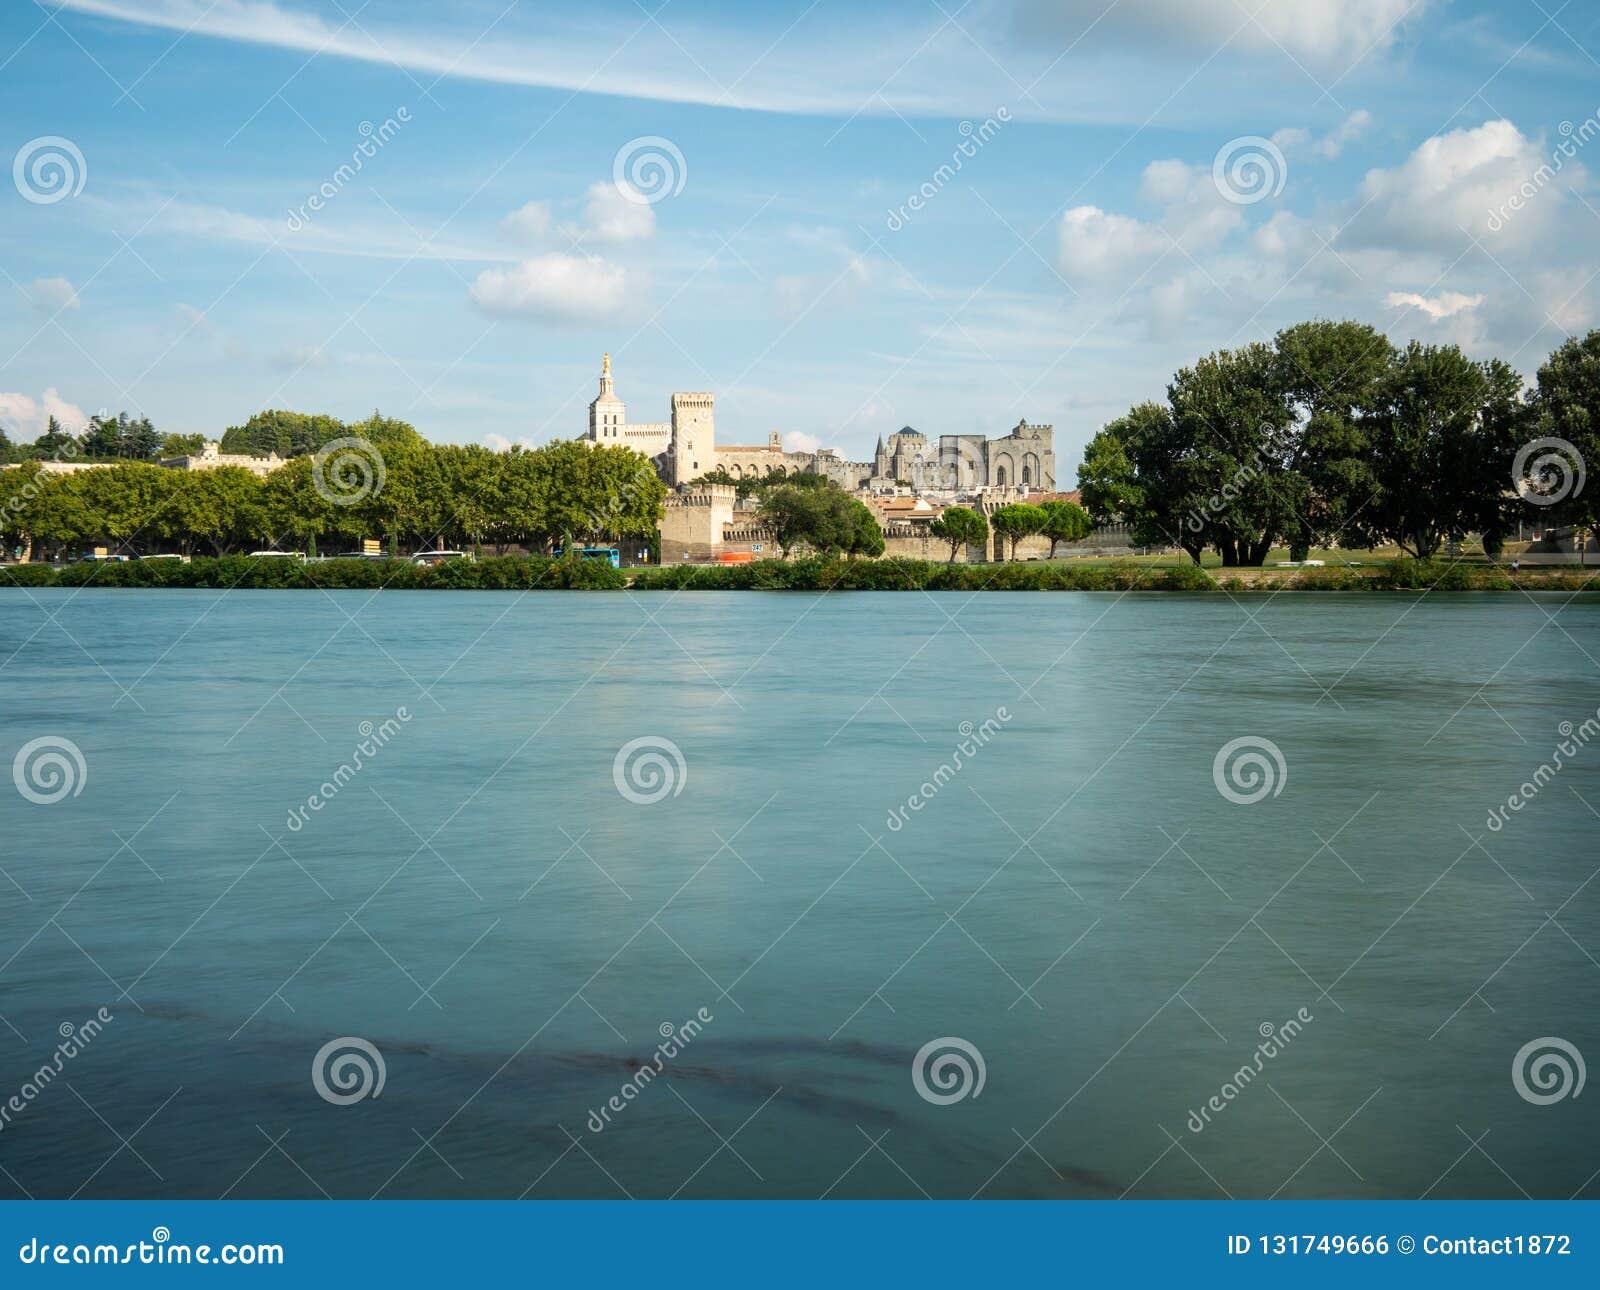 Le palais papal sont l attraction deux touristique établie dans le temps médiéval, à Avignon, la France du sud Le Rhône croisent